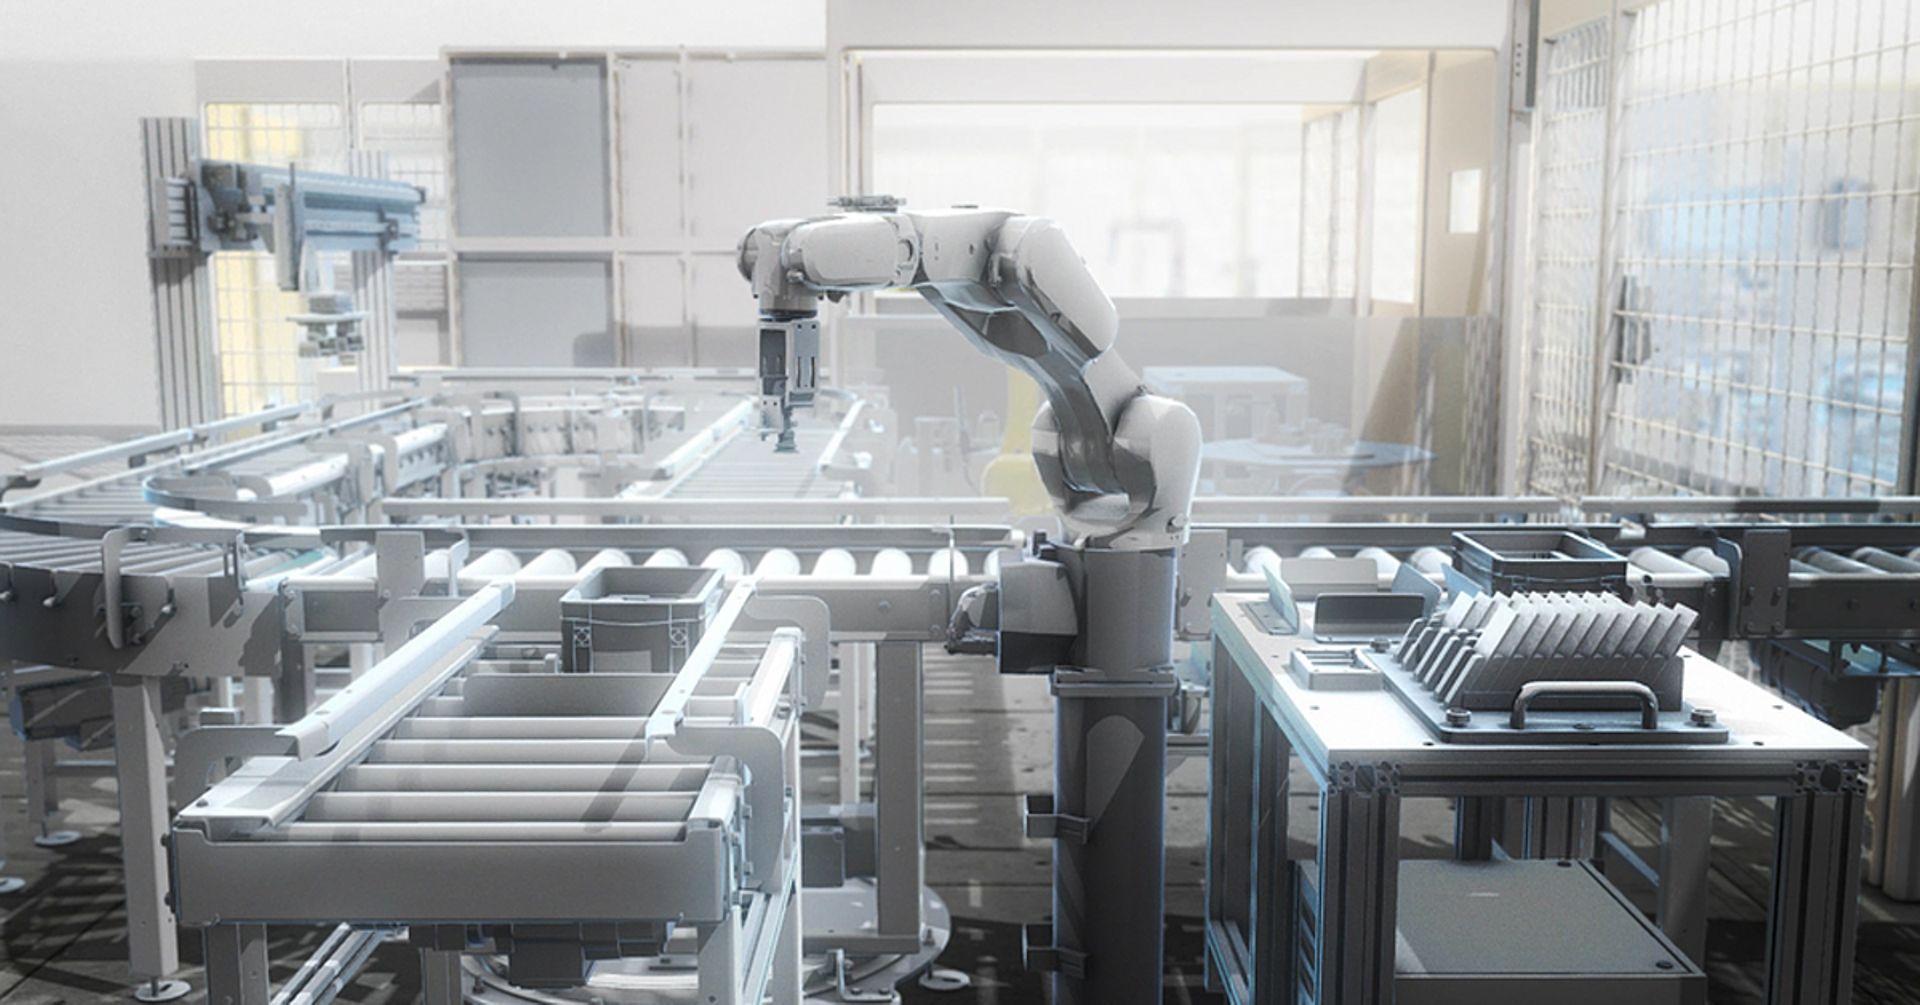 W Gliwicach powstało Centrum Testowania Technologii Przemysłu 4.0